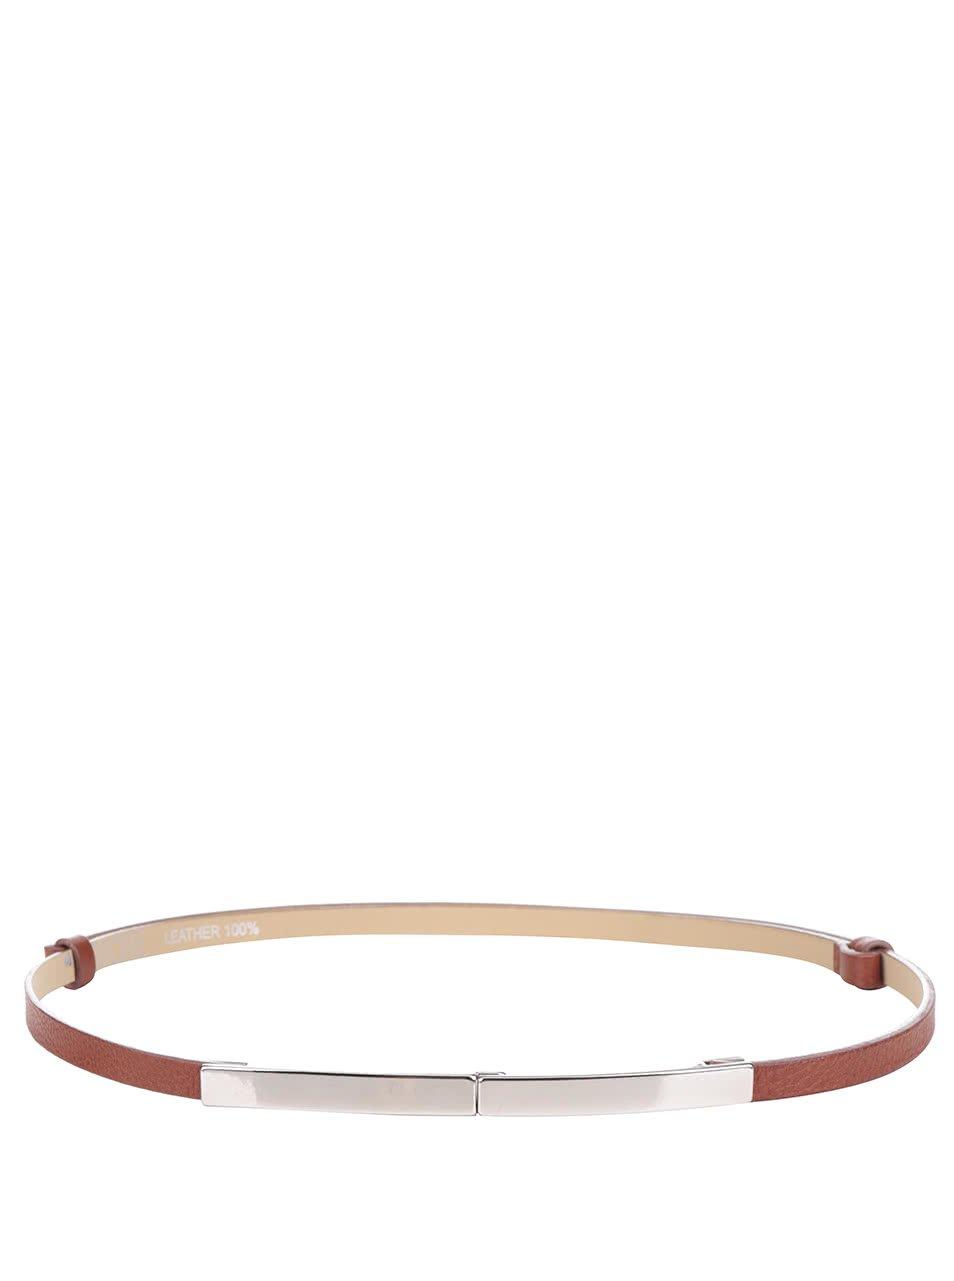 Hnědý dámský kožený tenký nastavitelný pásek Ritore Etro